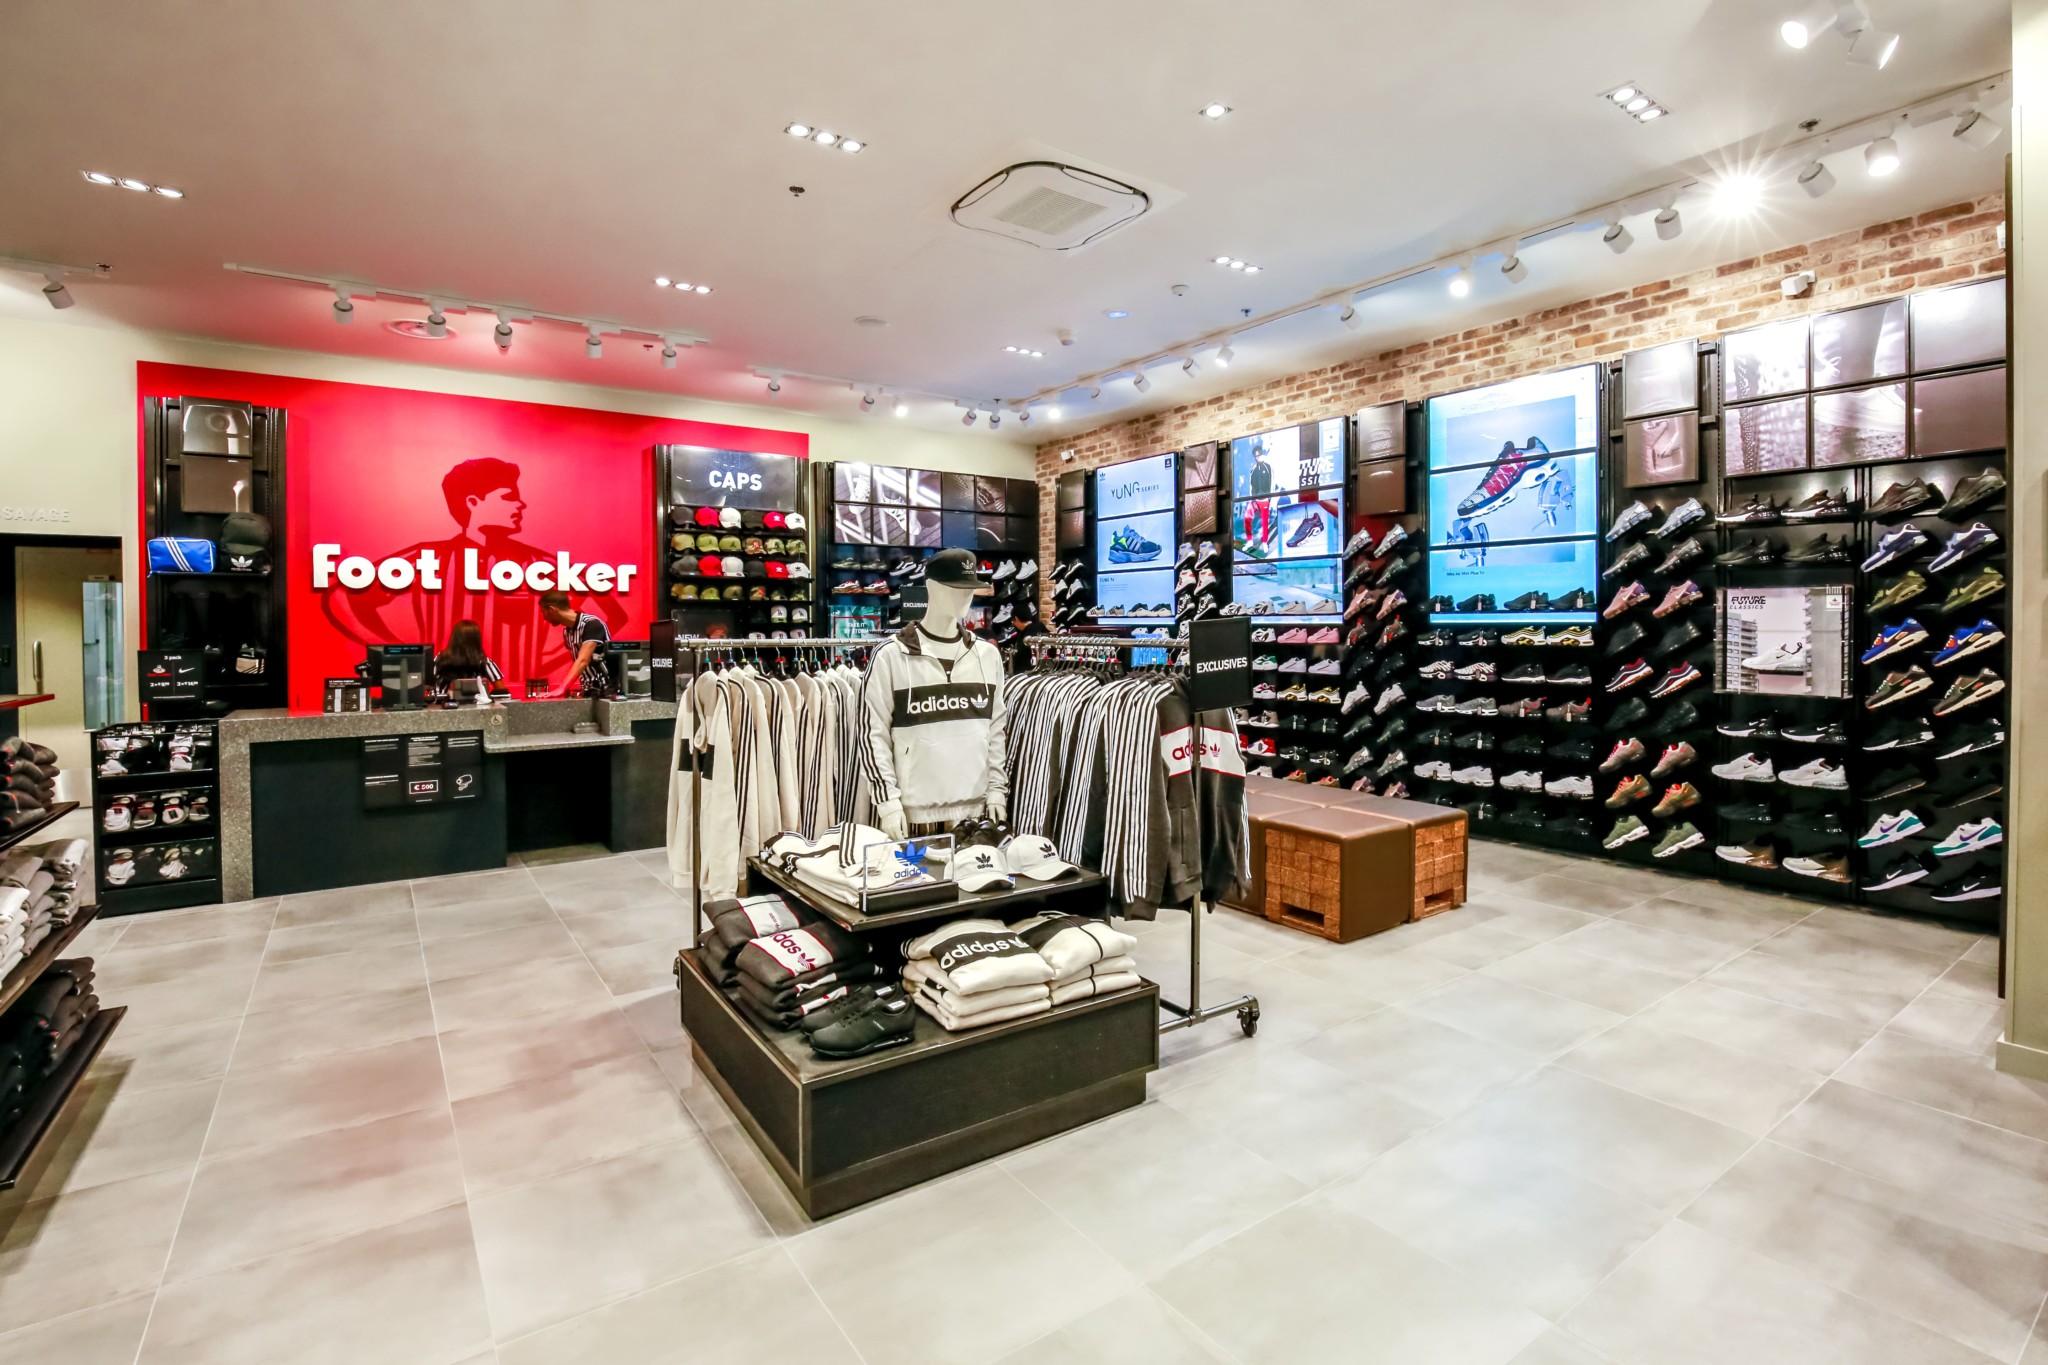 nouveau style 8badd c301a Foot Locker - Centre commercial Carrefour Grand Evreux